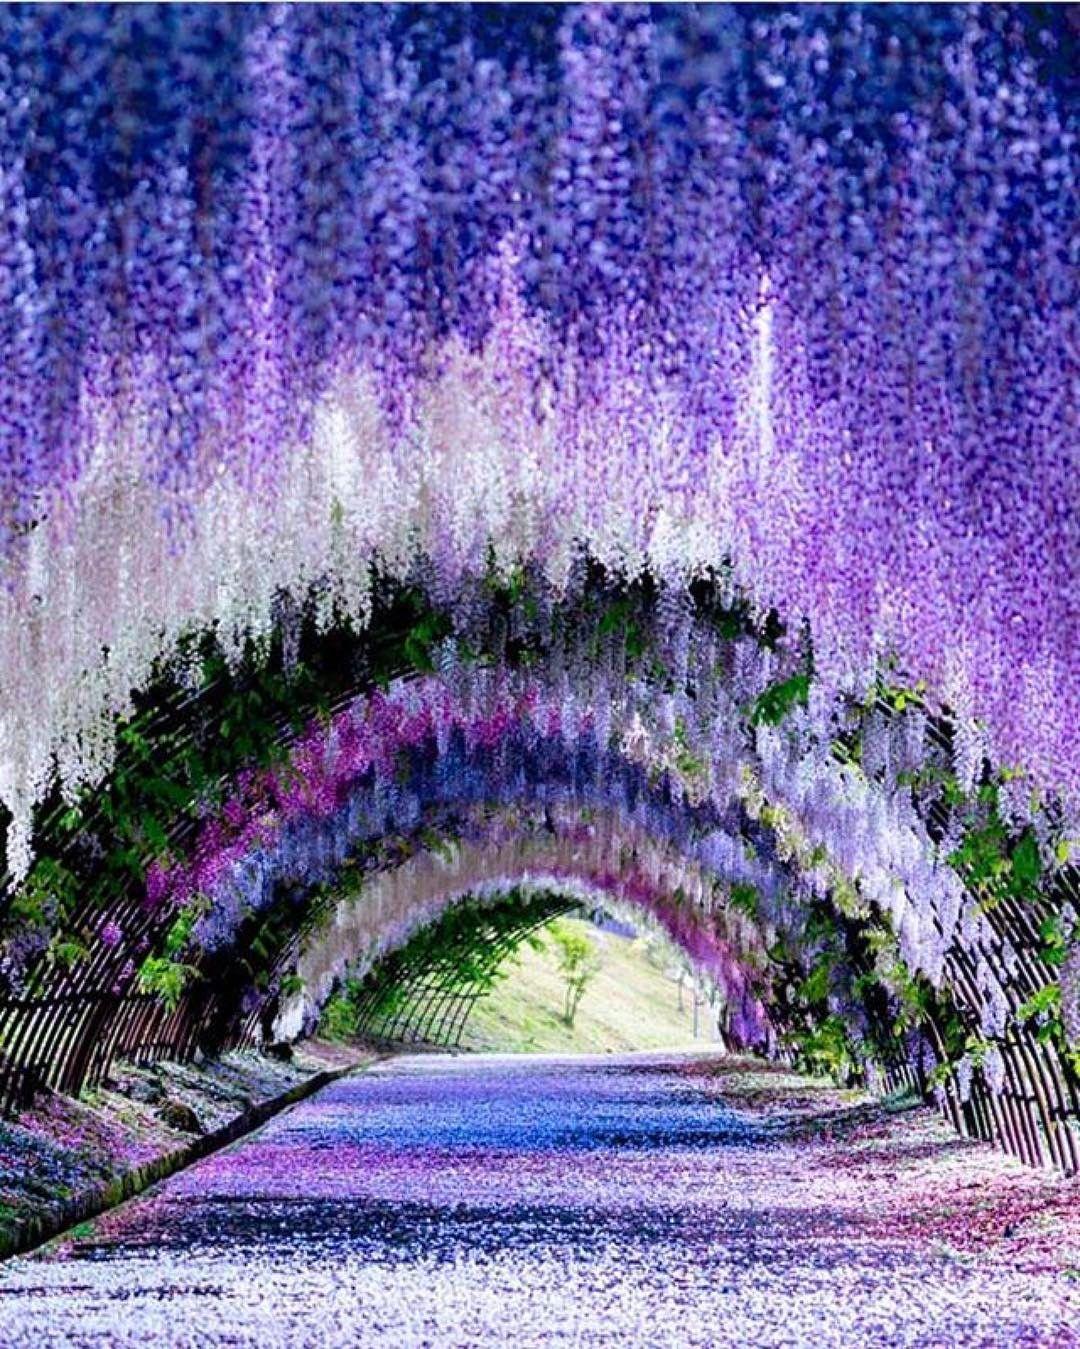 856a8432b4821054d4a6fb538d7bbf8f - Wisteria Tunnel At Kawachi Fuji Gardens Kitakyushu Japan